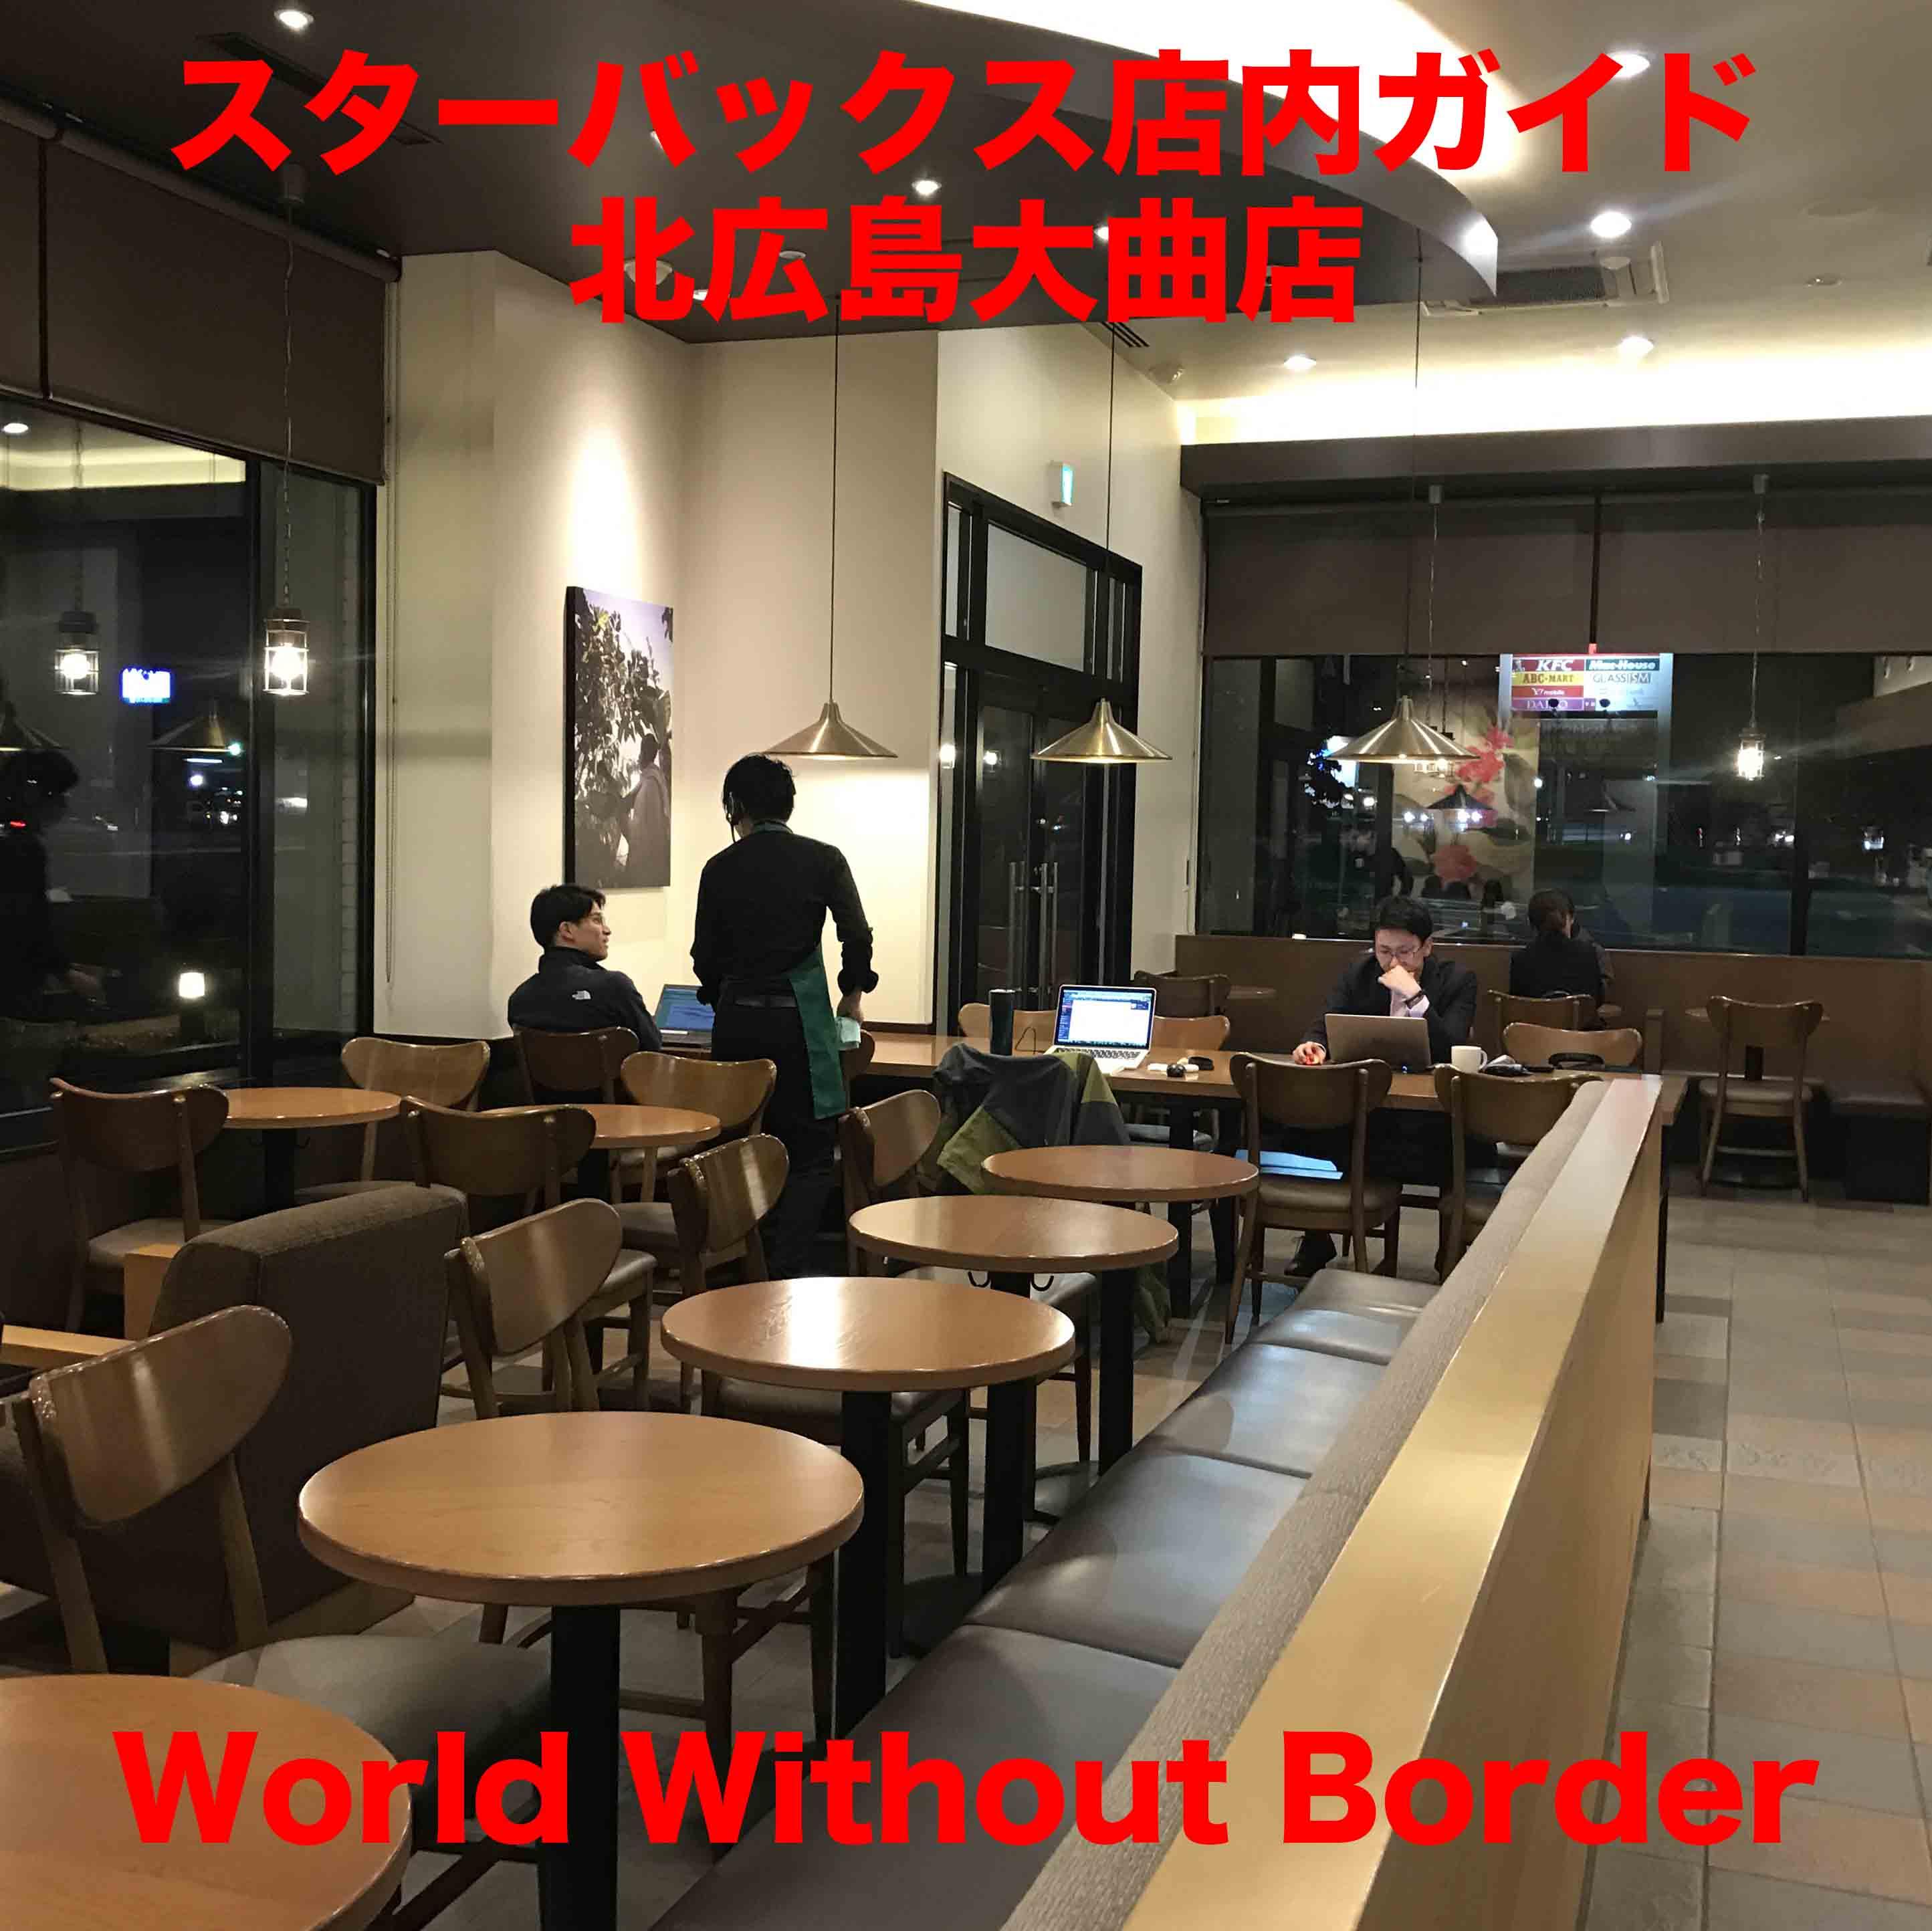 【スターバックス】店内ガイド「北海道北広島大曲店」